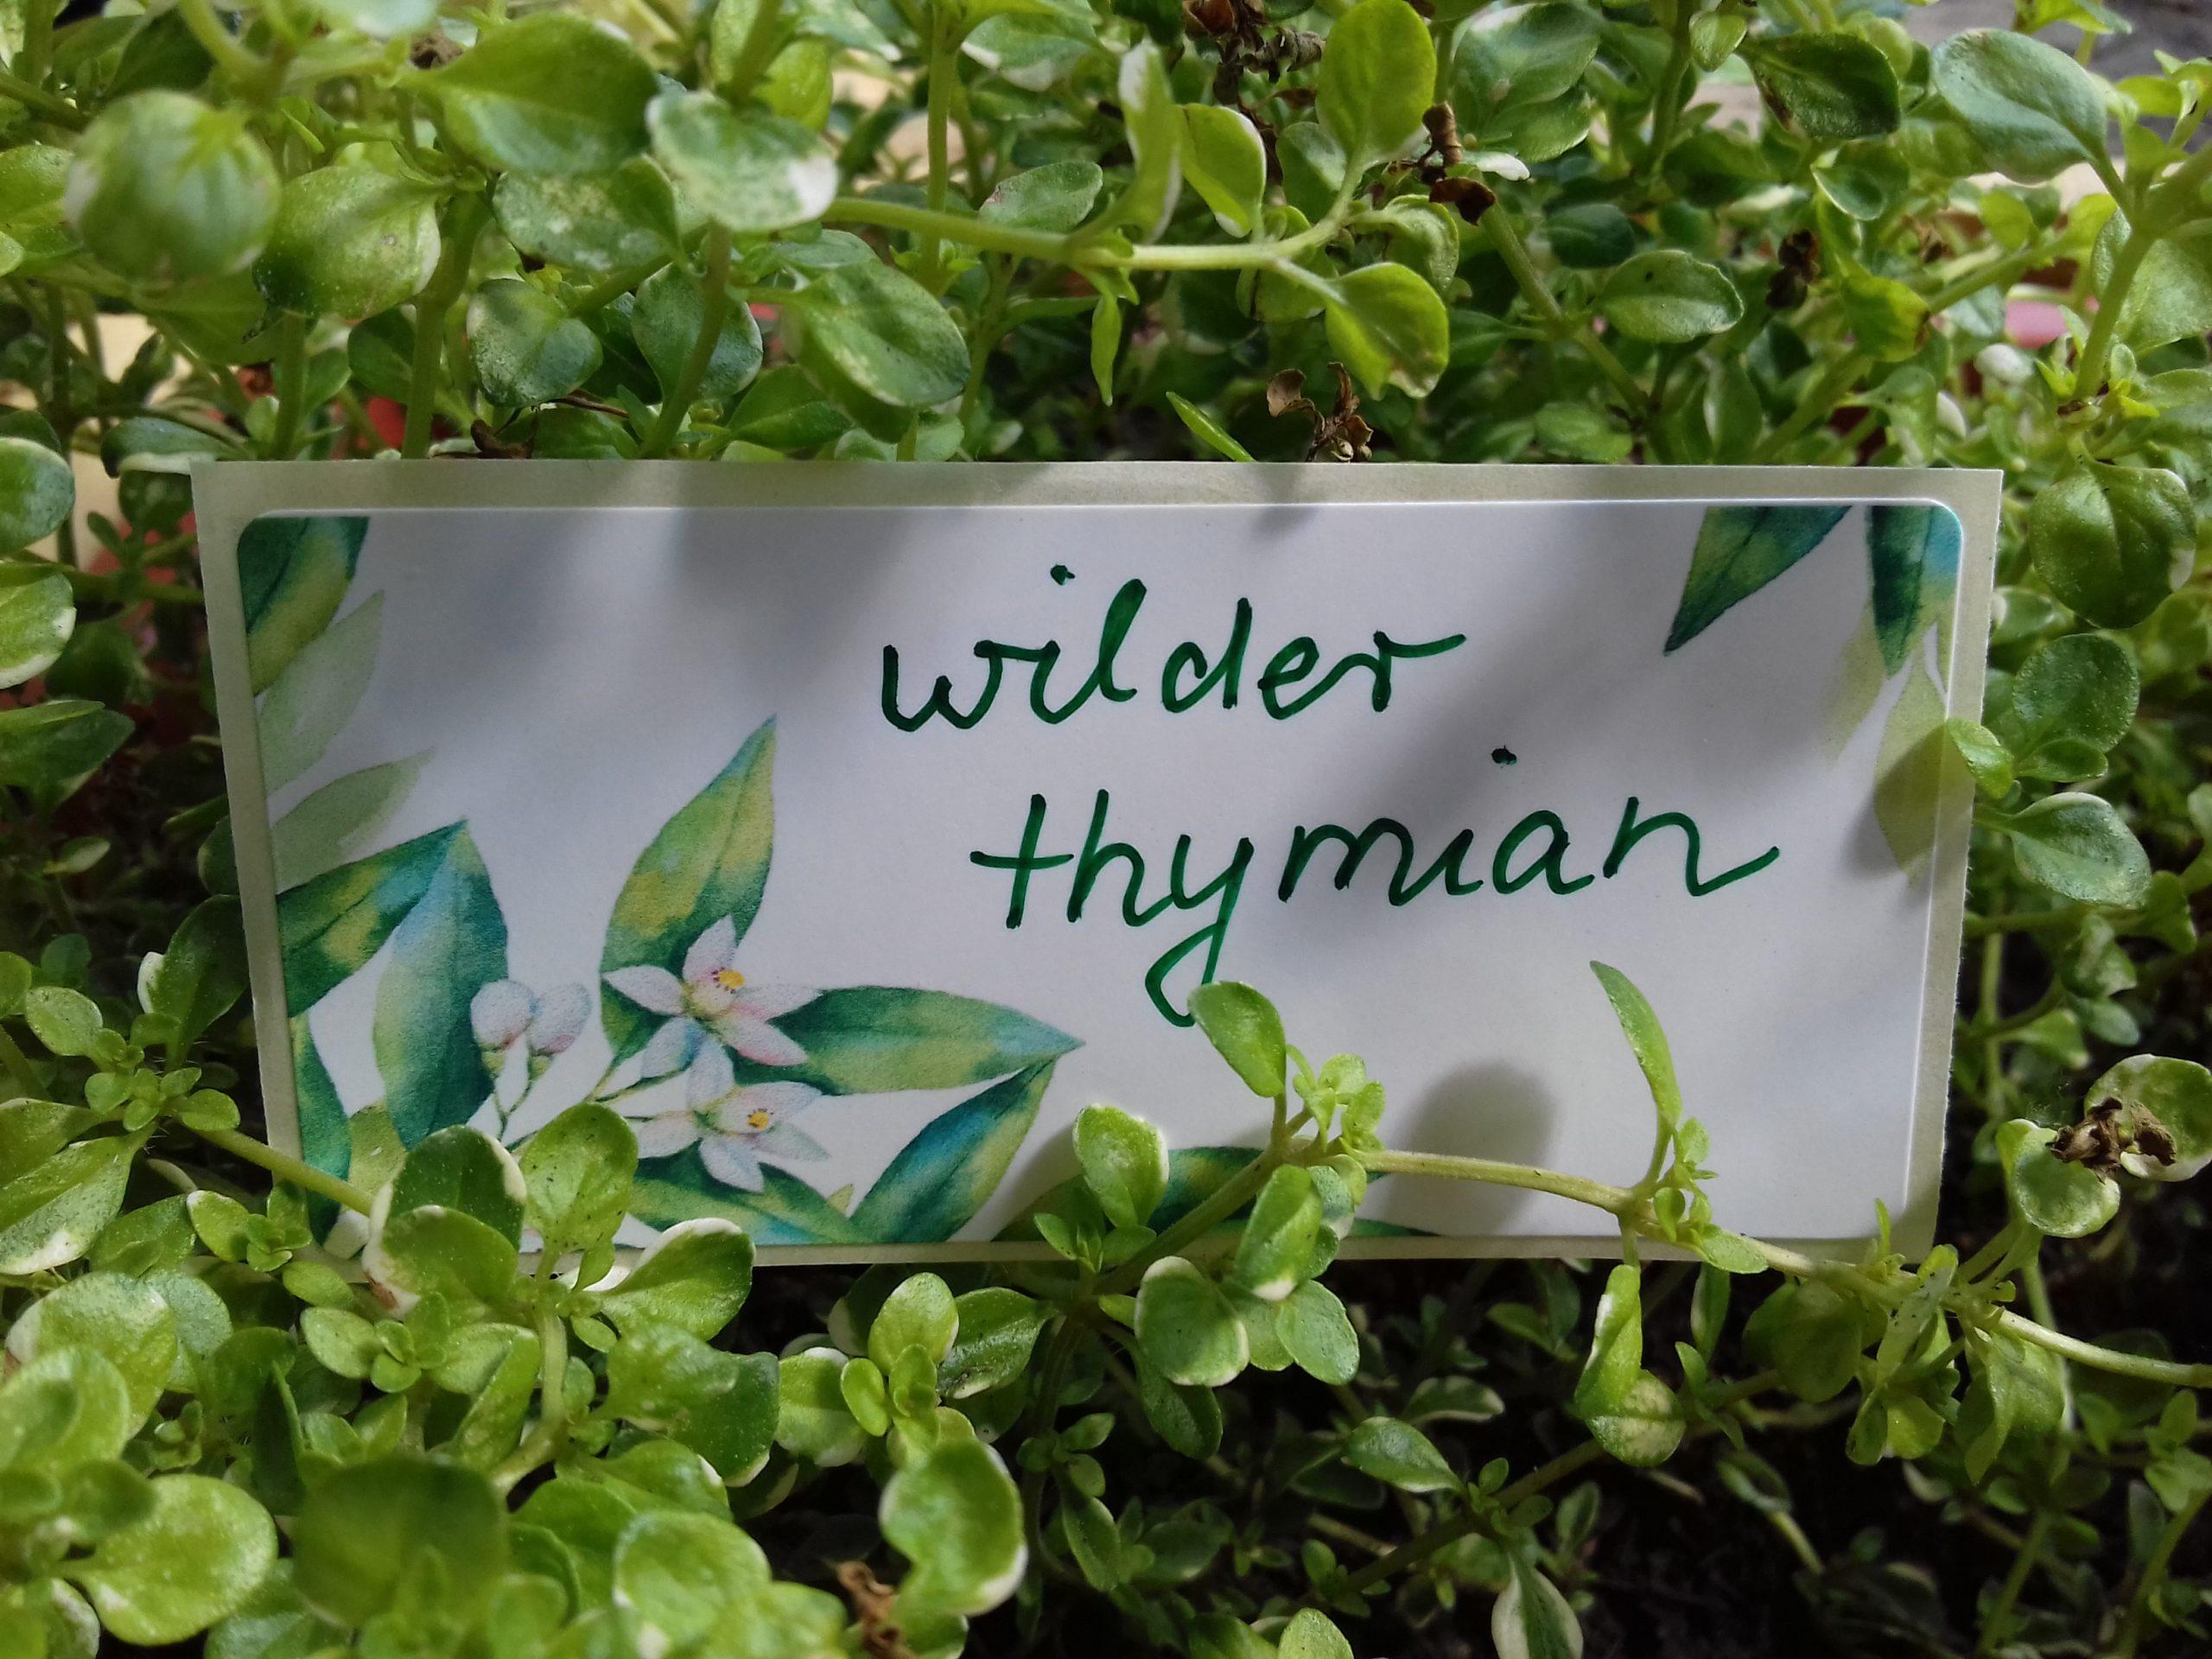 wilder Thymian: Der Name meines Unternehmens